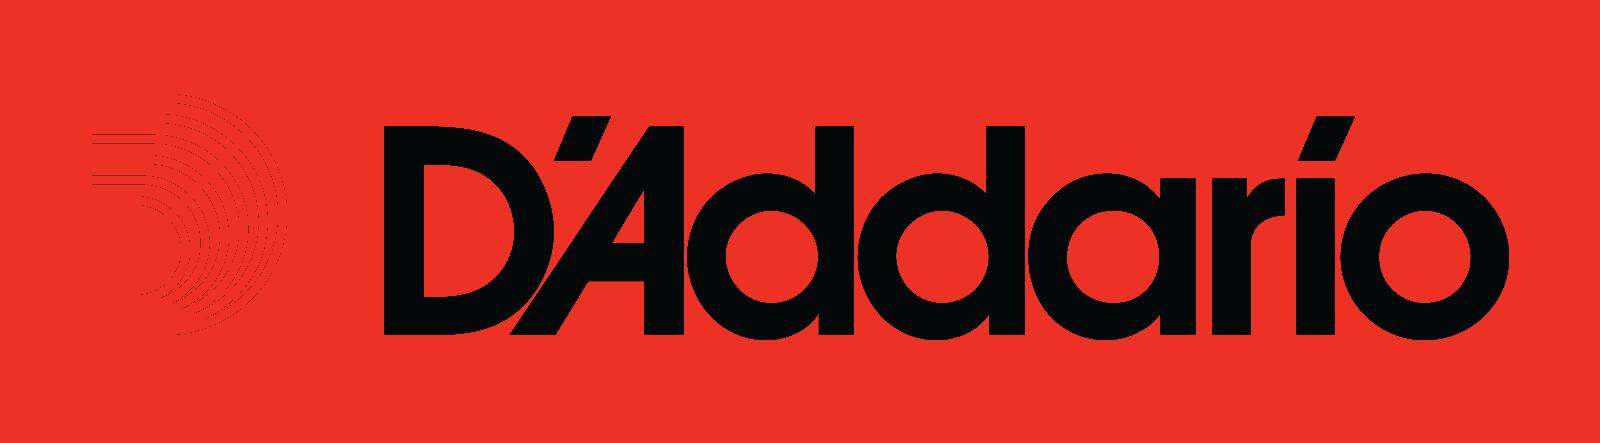 Strona producenta DADDARIO